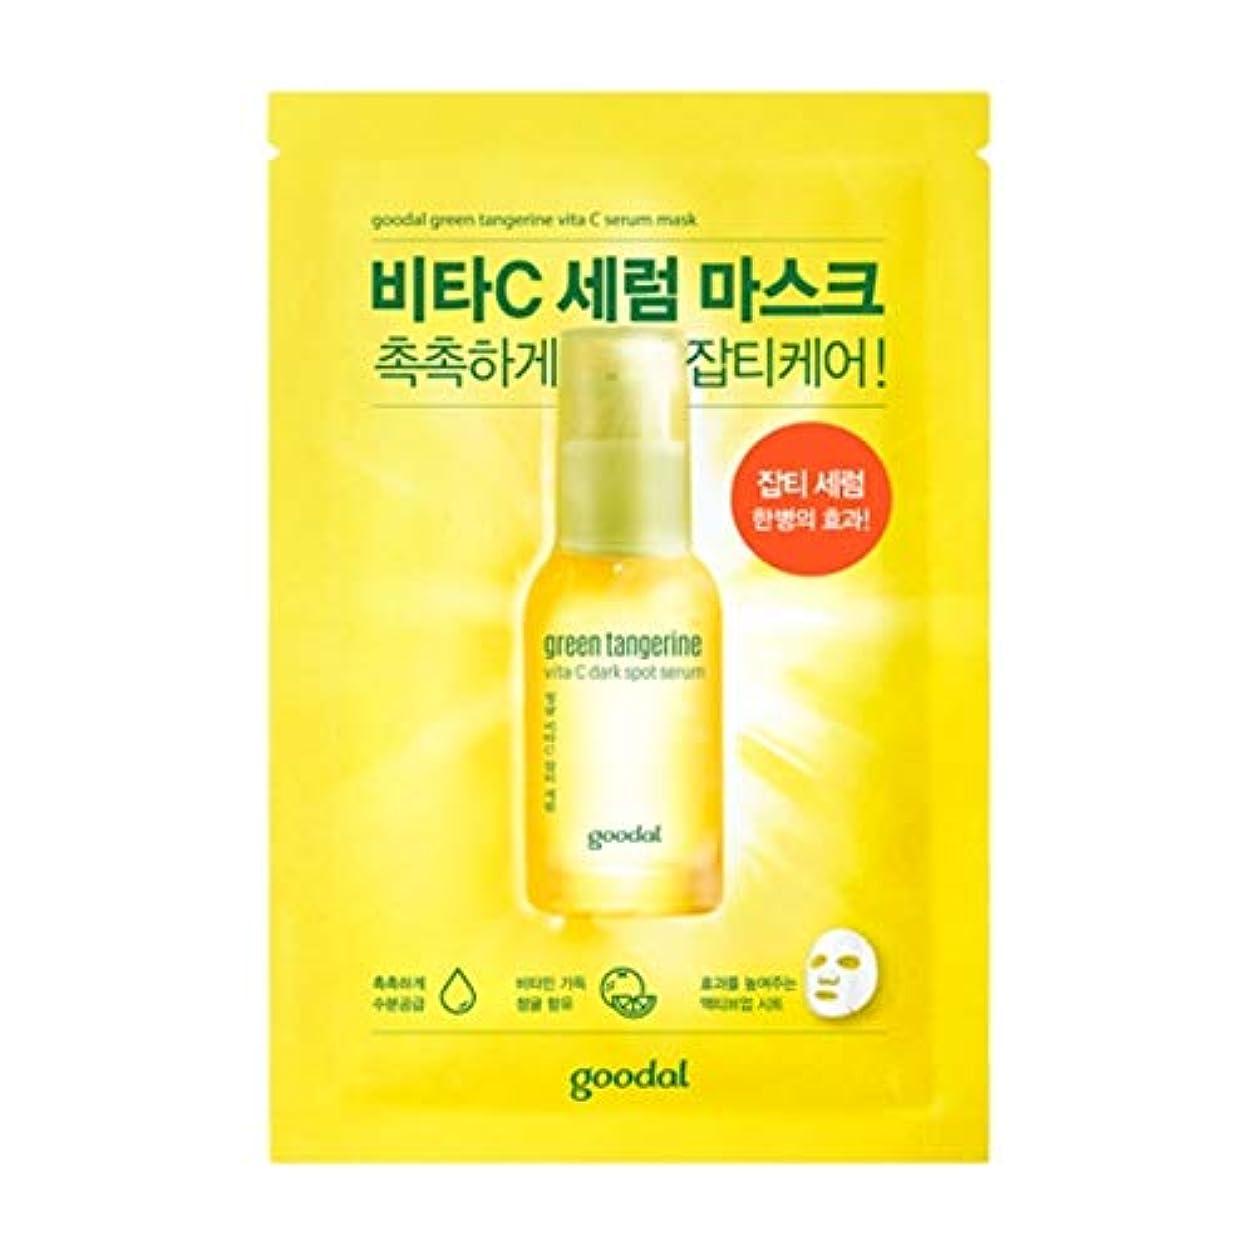 アライメント現在処方Goodal Green Tangerine Vita C Dark Spot Serum Sheet mask チョンギュル、ビタC汚れセラムシートマスク (1 Sheet (1シート)) [並行輸入品]